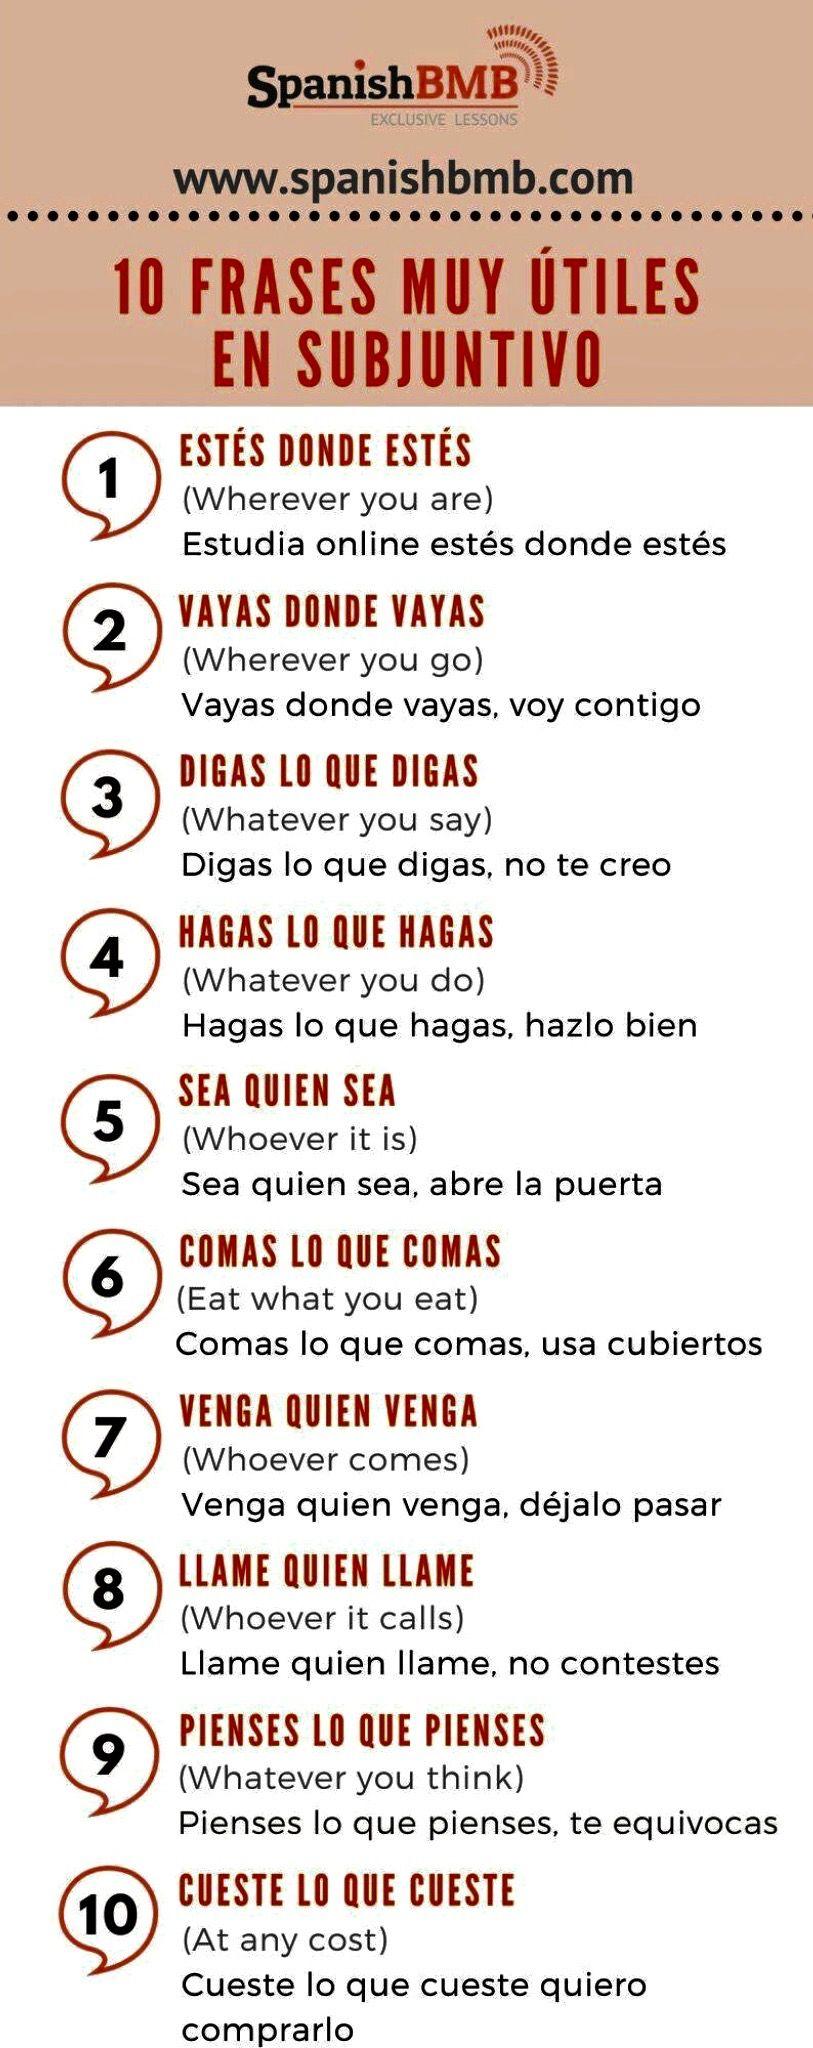 Pin De Raquel Navajas En Spanish Language Learning Vocabulario Ingles Español Palabras Ingles Español Verbos Ingles